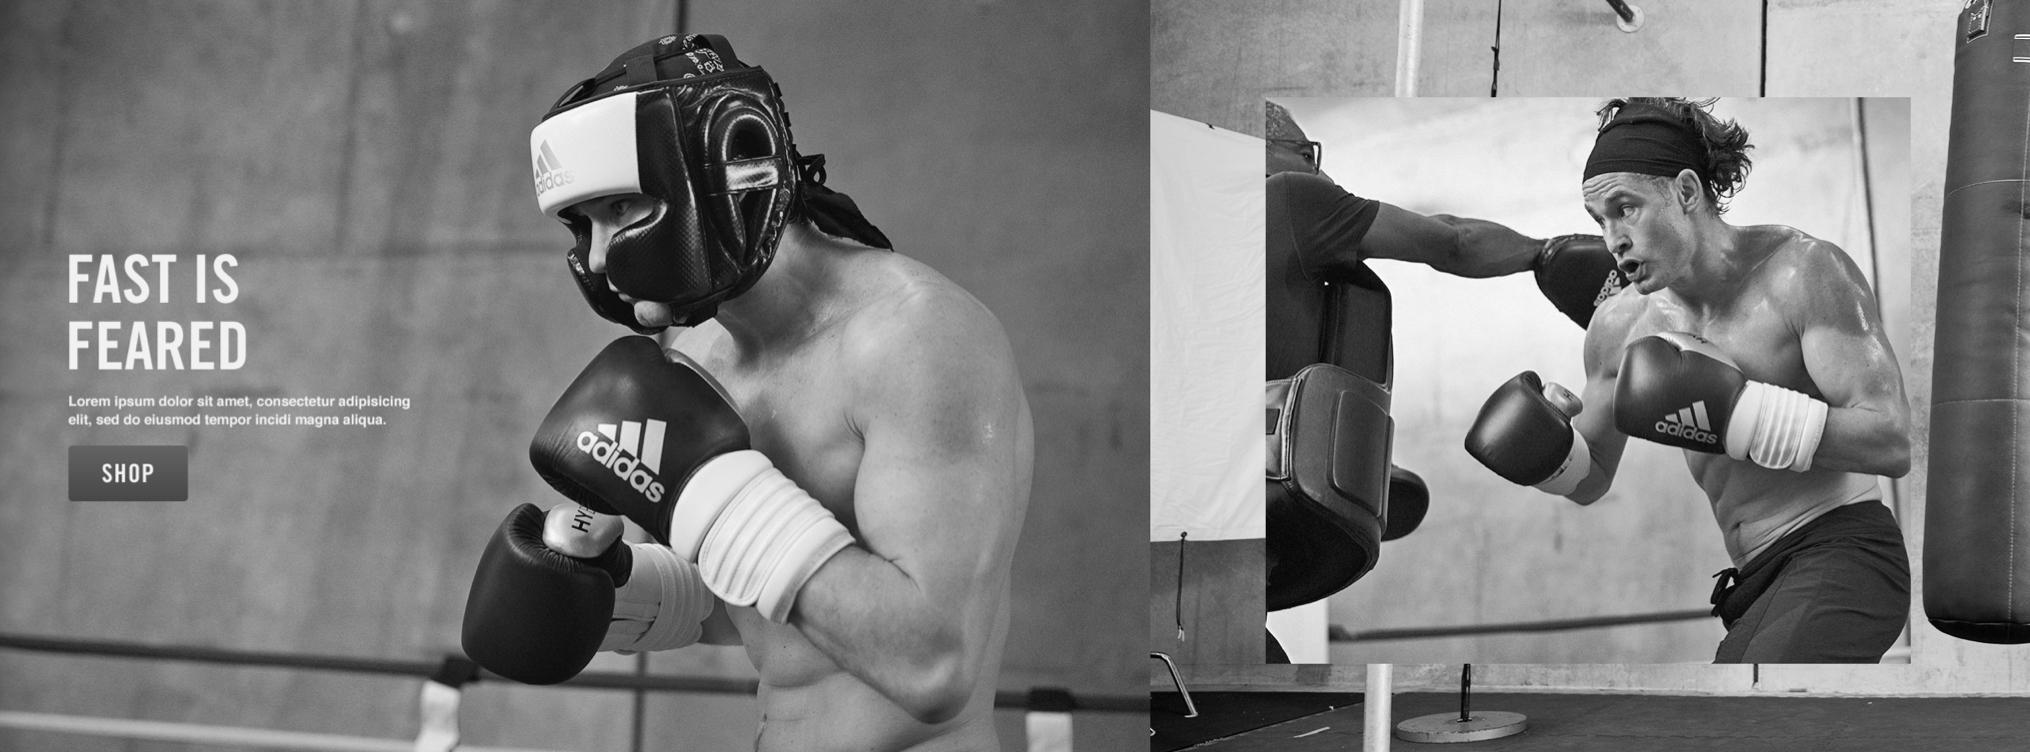 pascher-heinz-adidas-boxing-visual-03